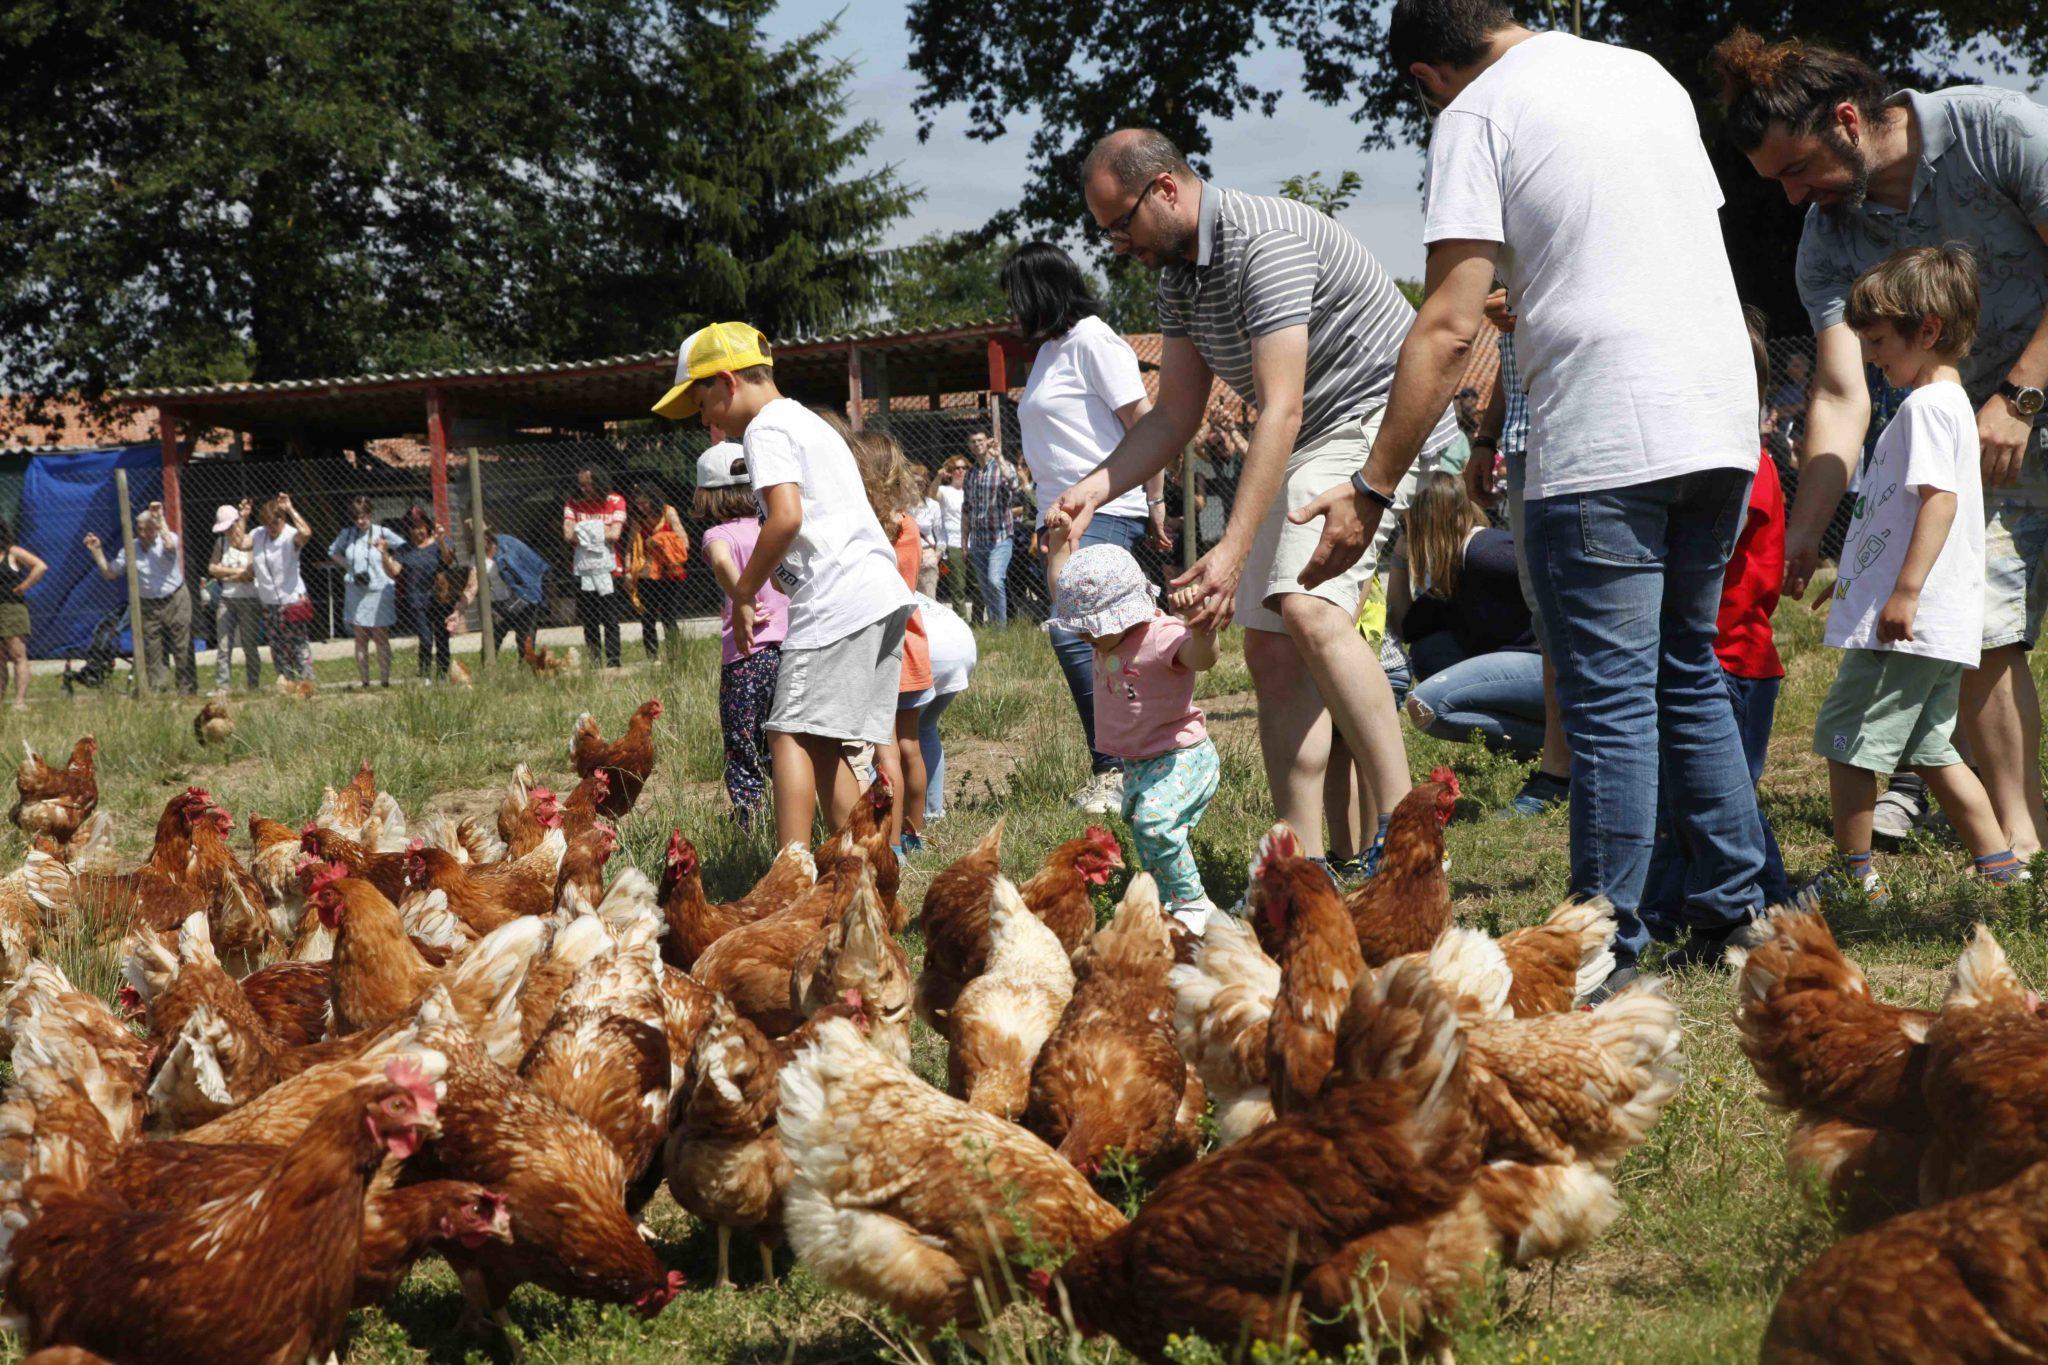 gallinas en libertad pazo de vilane